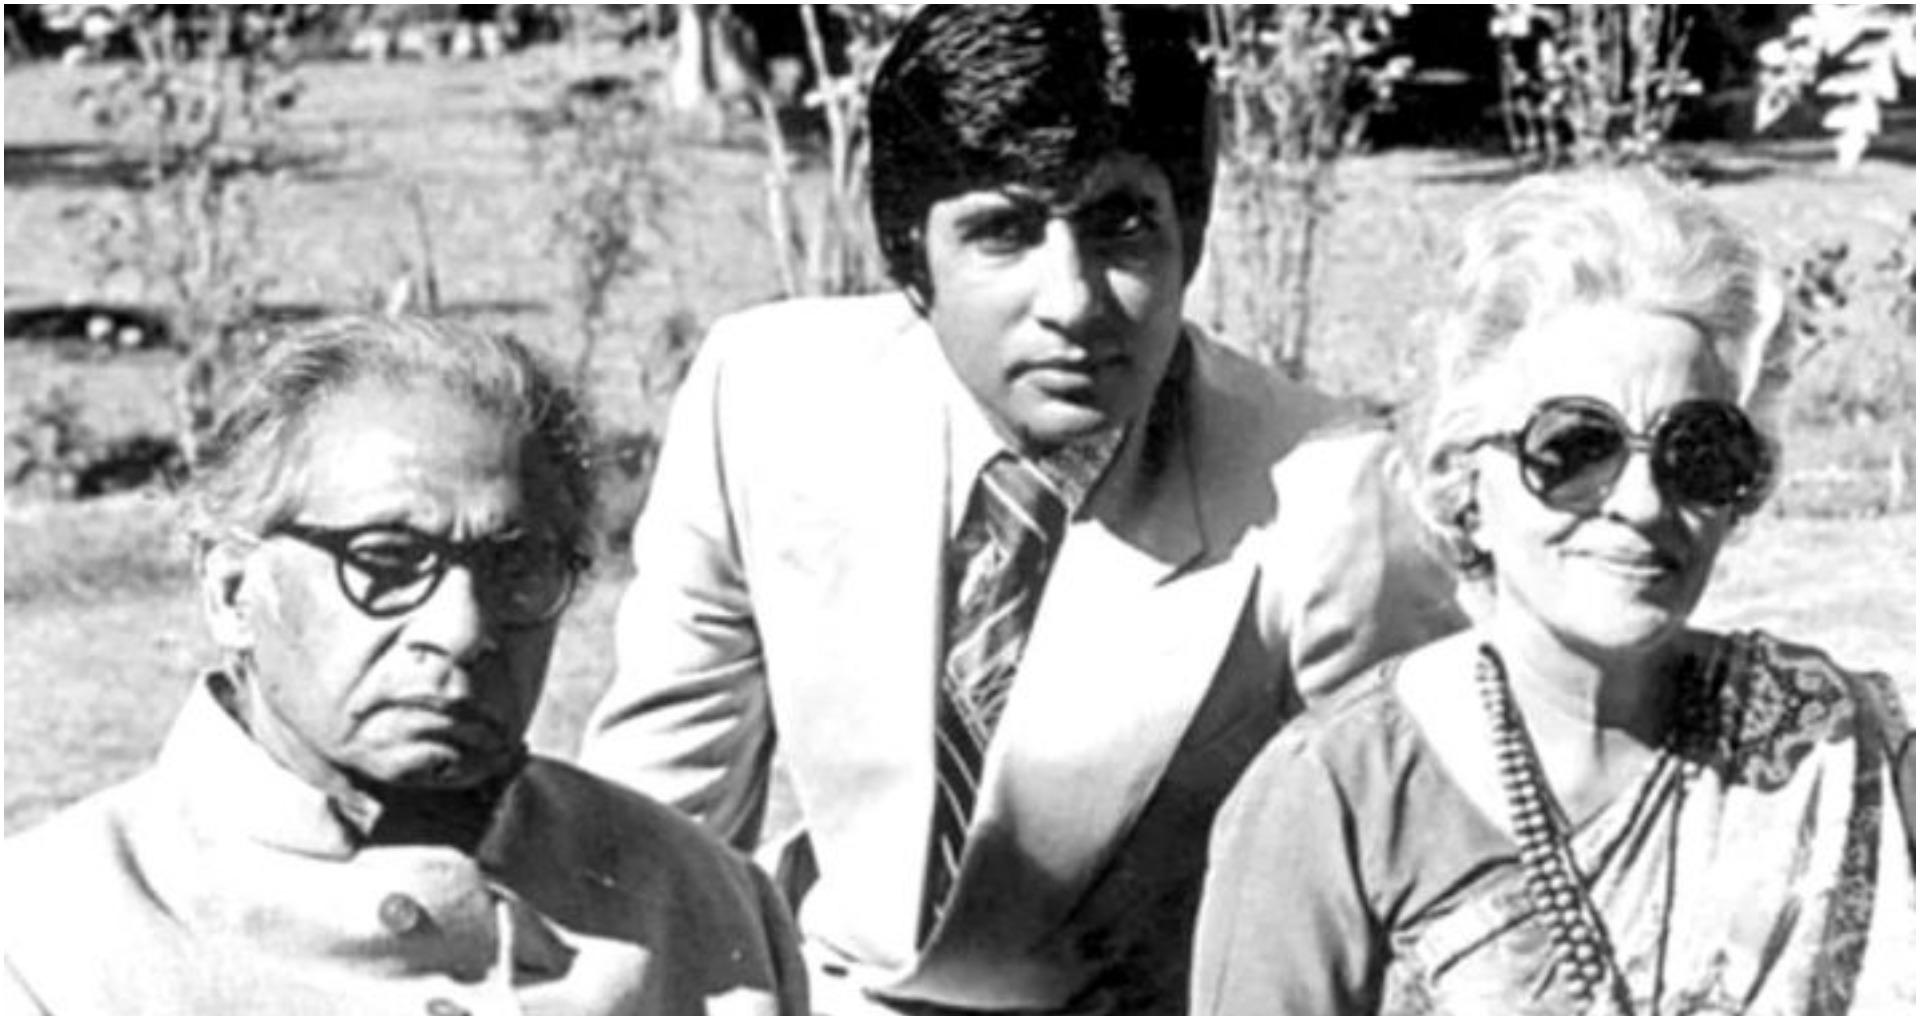 पिता के बेहद करीब थे अमिताभ बच्चन, 112वीं जयंती पर जाने हरिवंश राय बच्चन की कुछ अनकही बातें